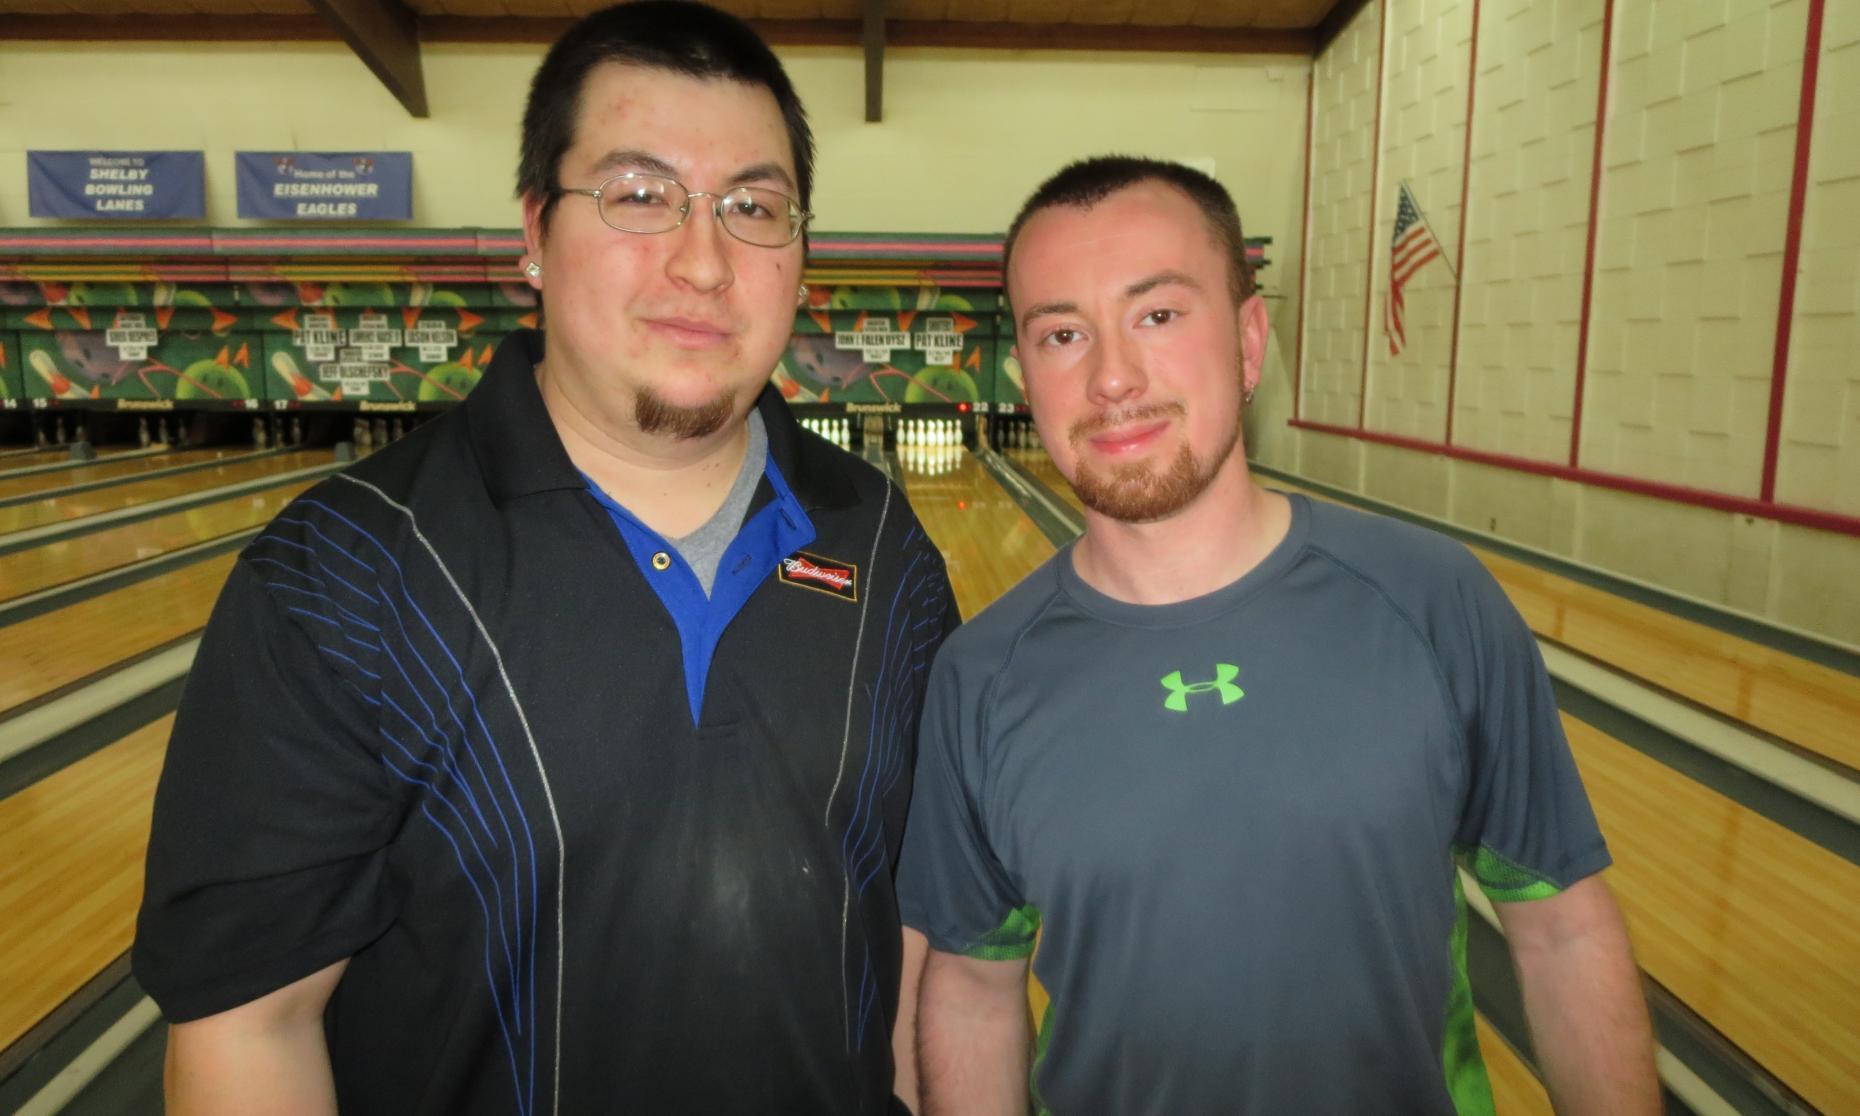 Runner-Up Brian Odom and Champion Steve Novak